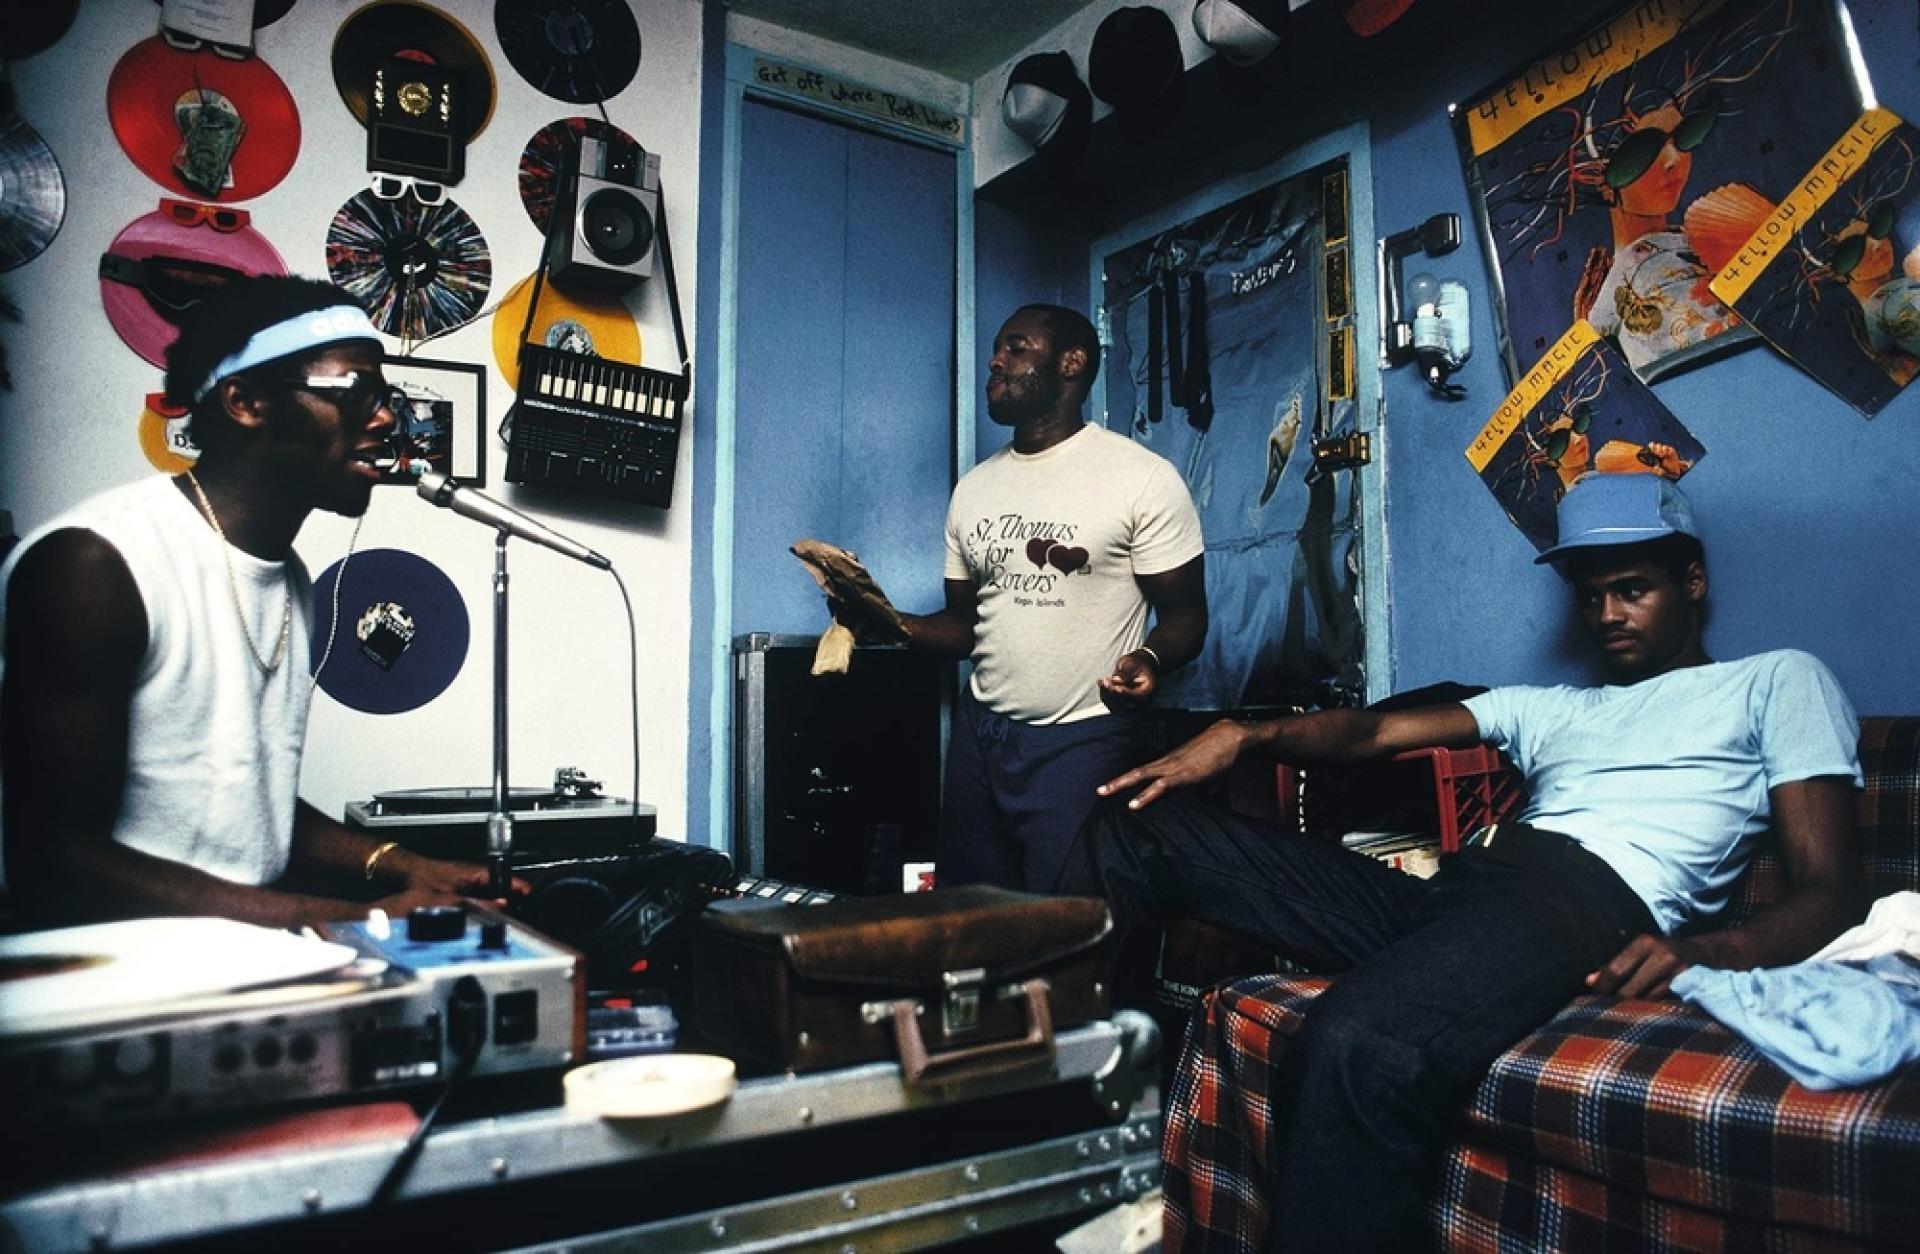 Le DJ D.St en pleine action dans sa chambre, avec des membres de son groupe.